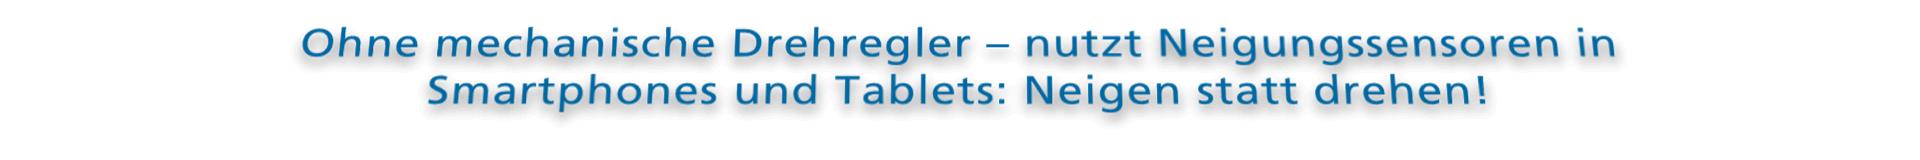 Ohne mechanische Drehregler - nutzt Neigungssensoren in Smartphones und Tablets: Neigen statt drehen!